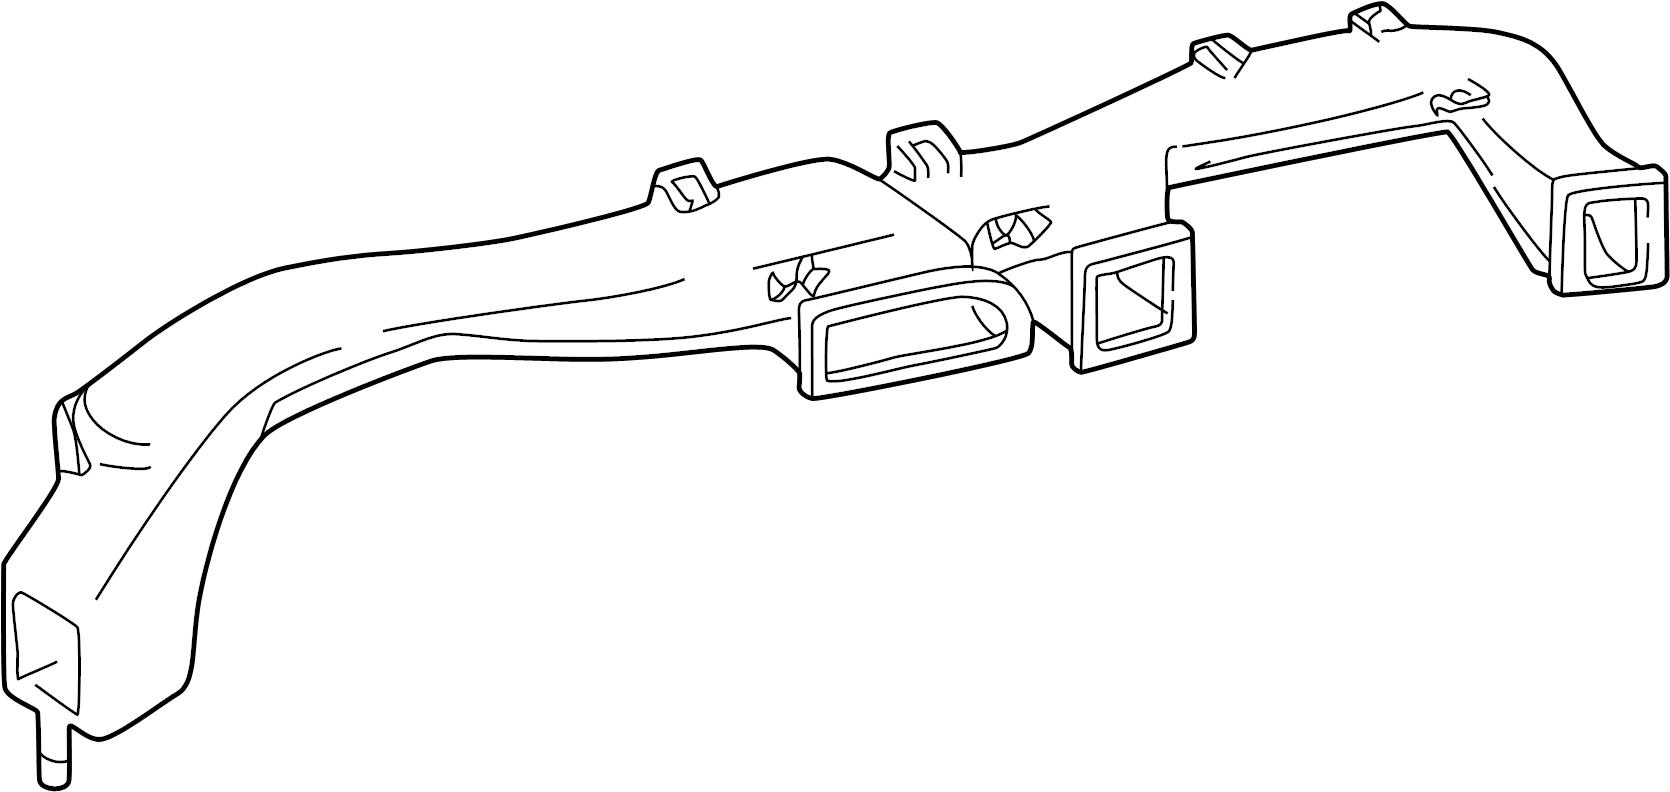 Chevrolet Corvette Instrument Panel Air Duct